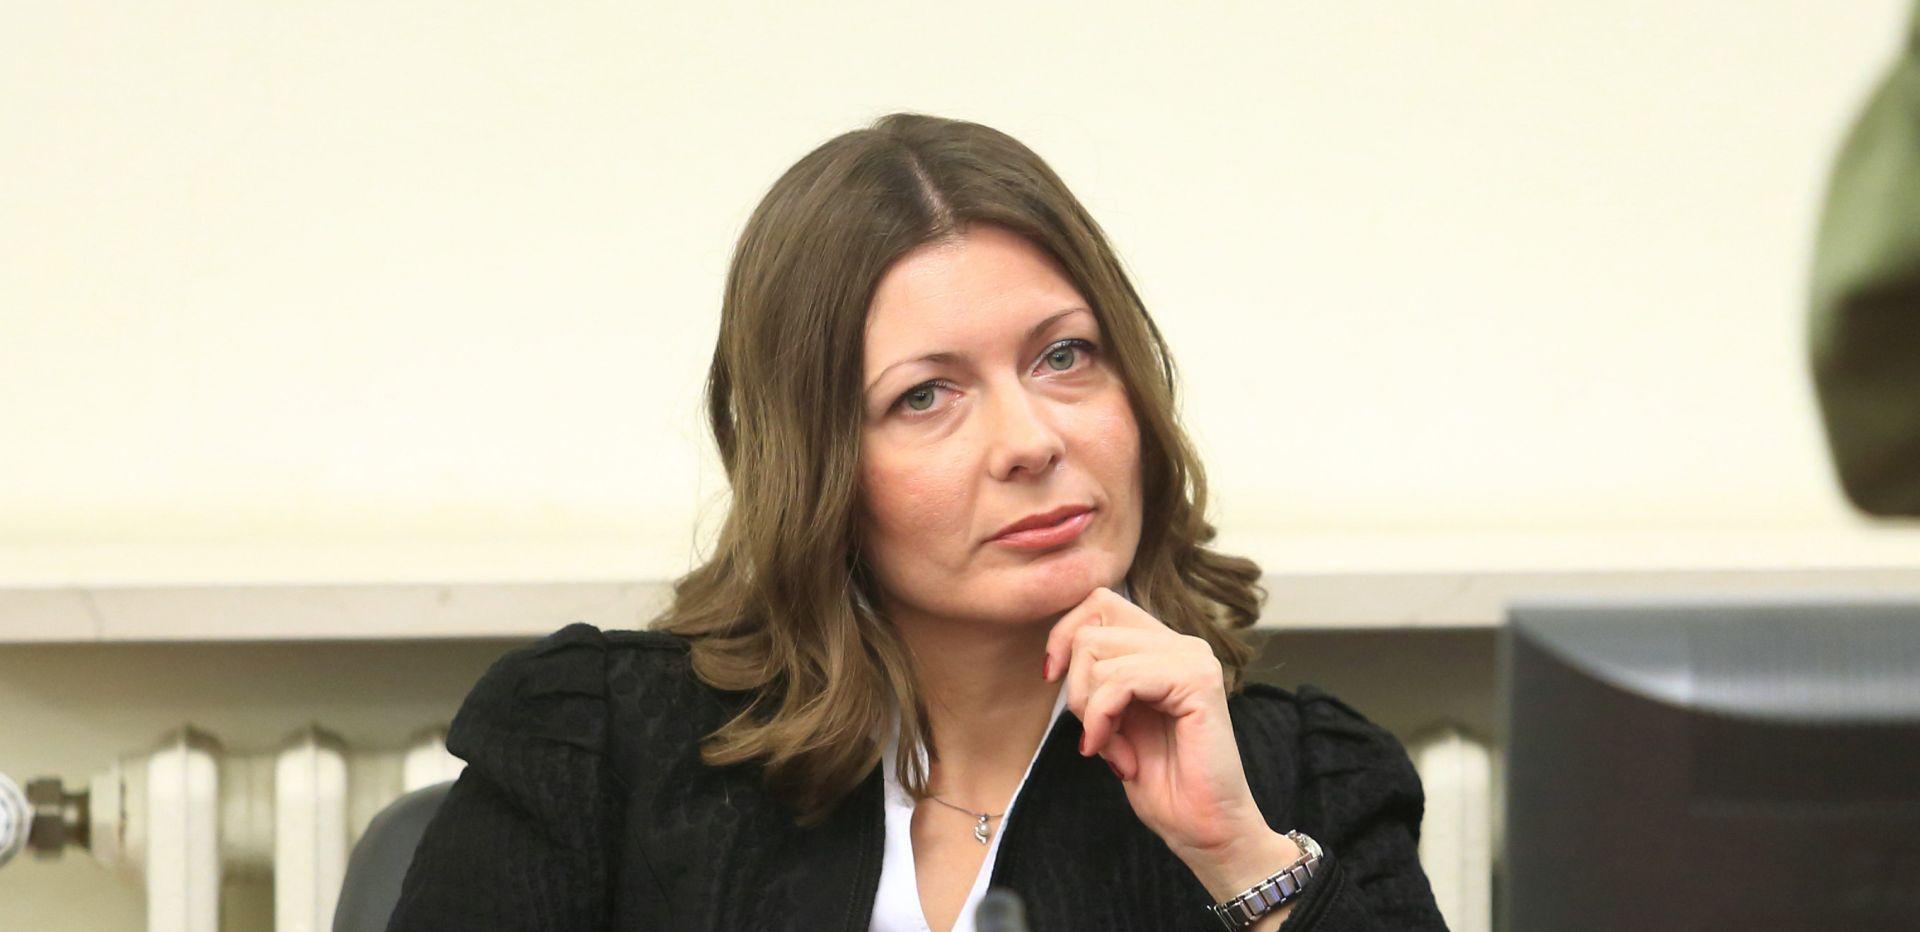 Jelenić odabrao Vanju Marušić za šeficu USKOK-a